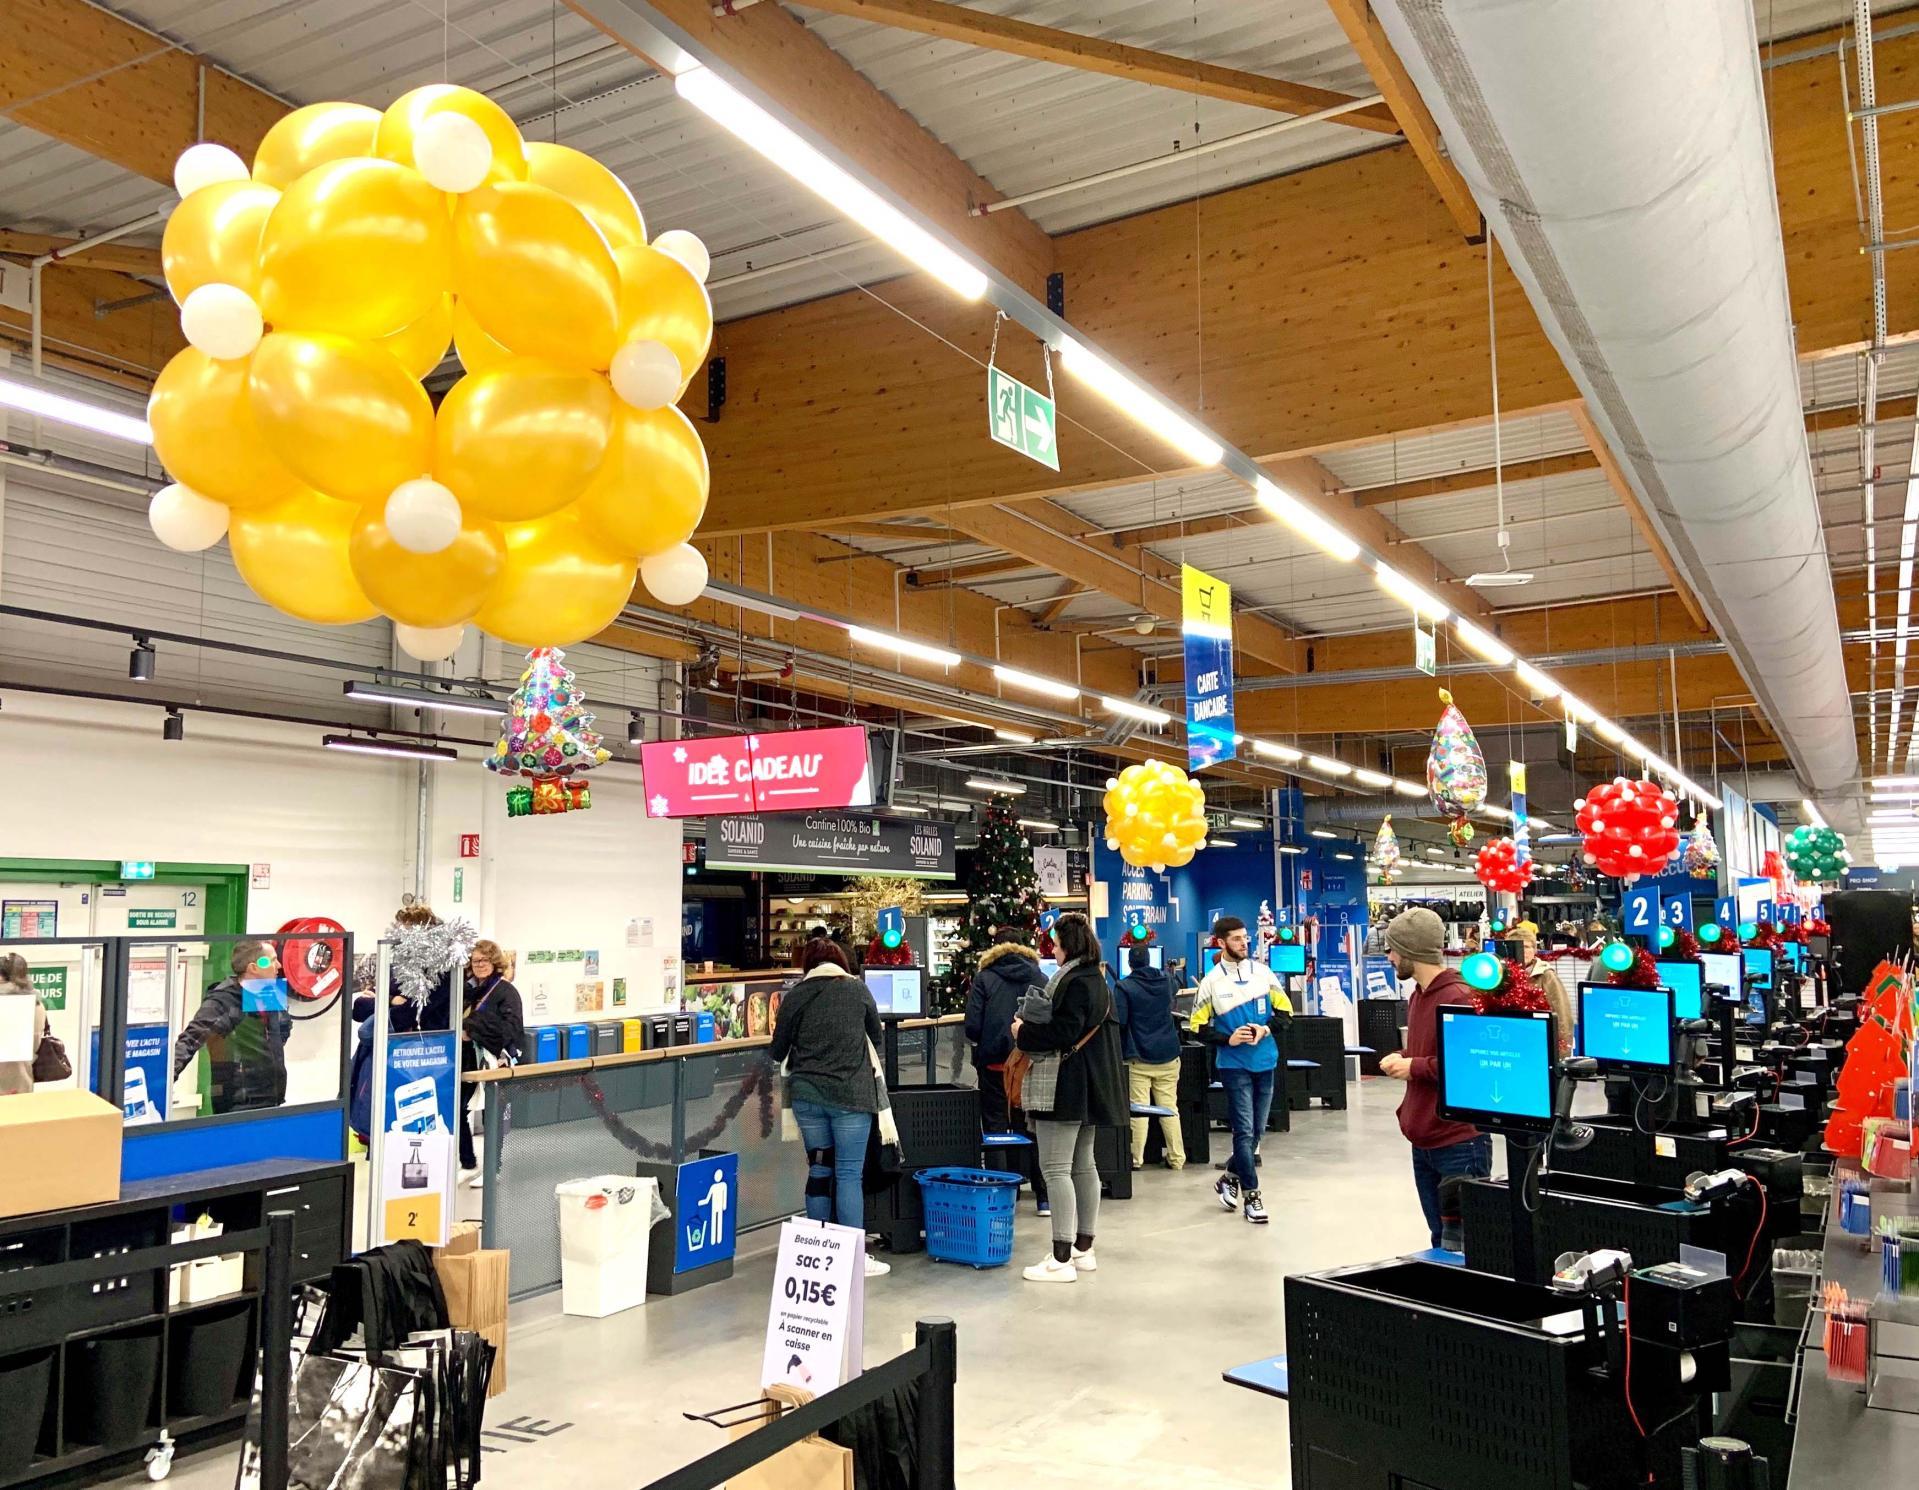 Boules de Ballons Noël traditionnel Décathlon Montpellier